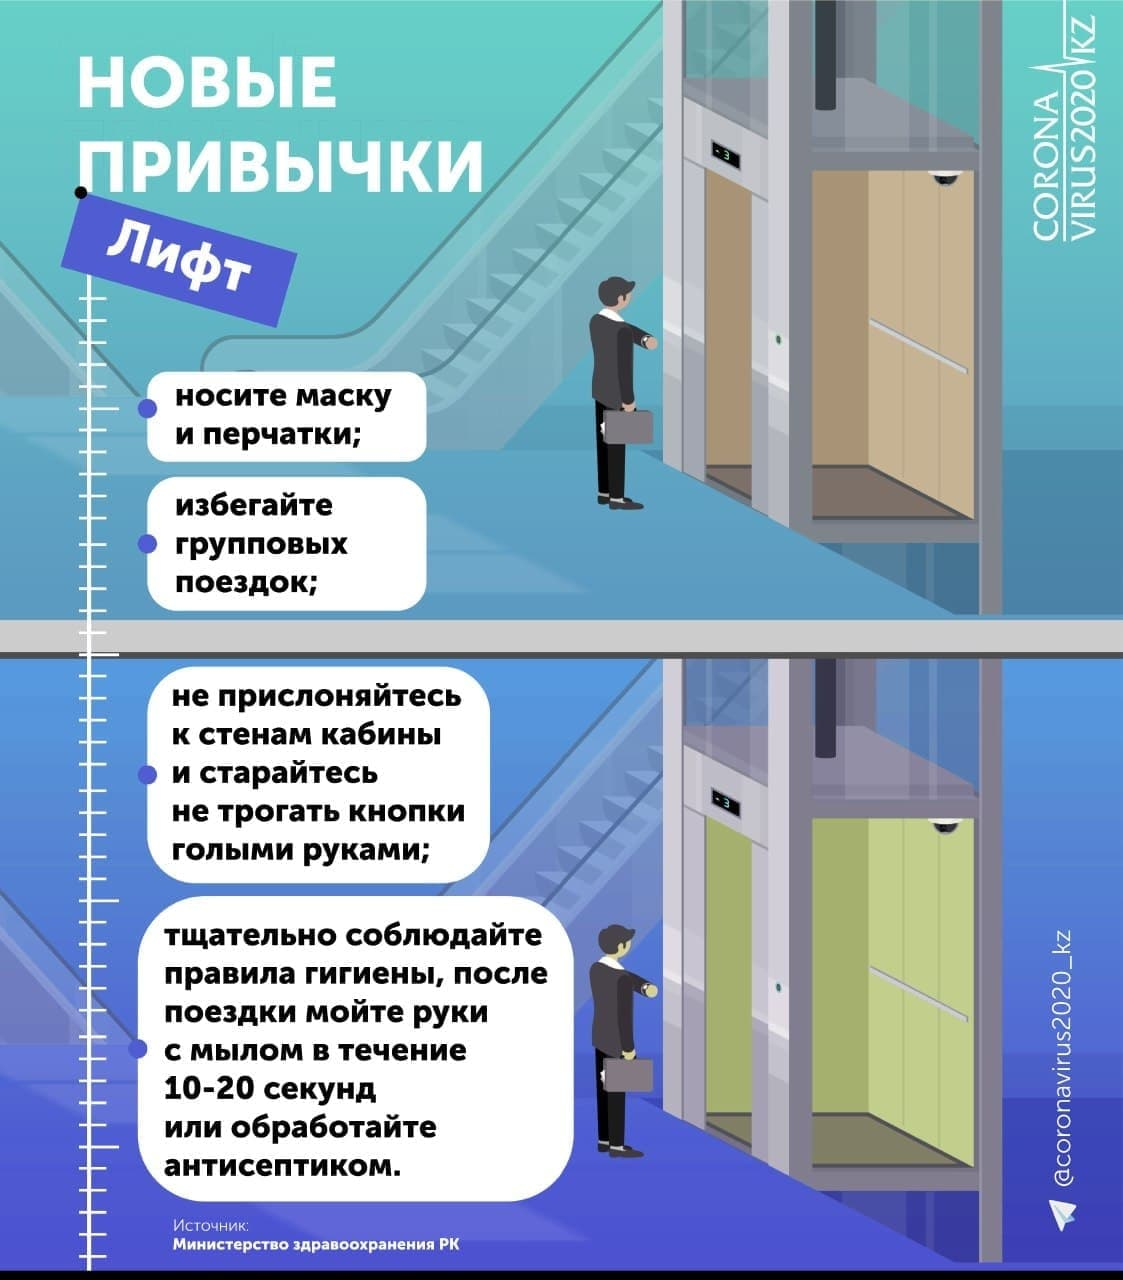 photo 2020 12 02 12 22 13